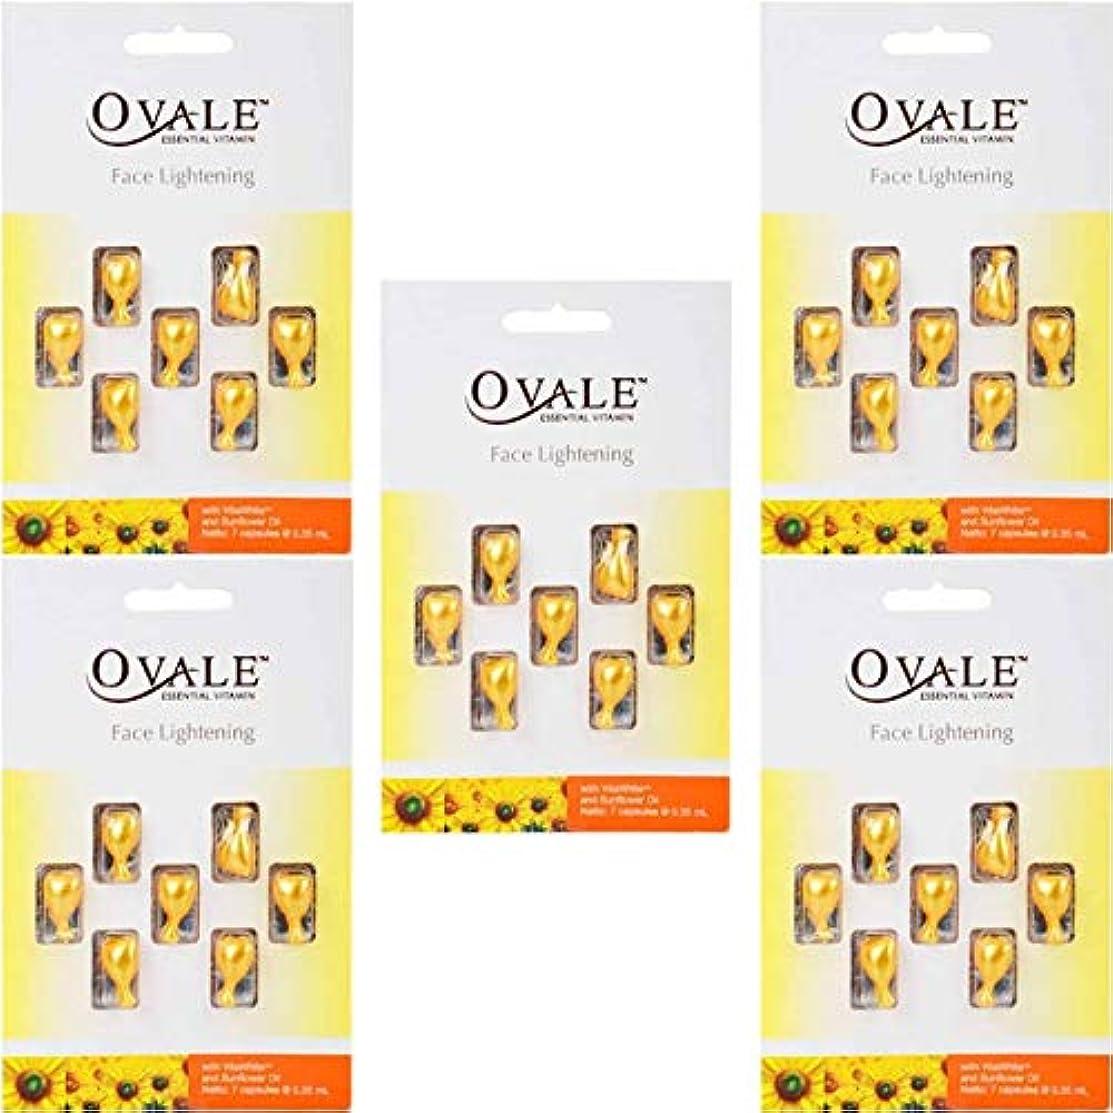 成り立つ子音ナンセンスOvale オーバル フェイシャル美容液 essential vitamin エッセンシャルビタミン 7粒入シート×5枚セット サンフラワー [海外直送品]